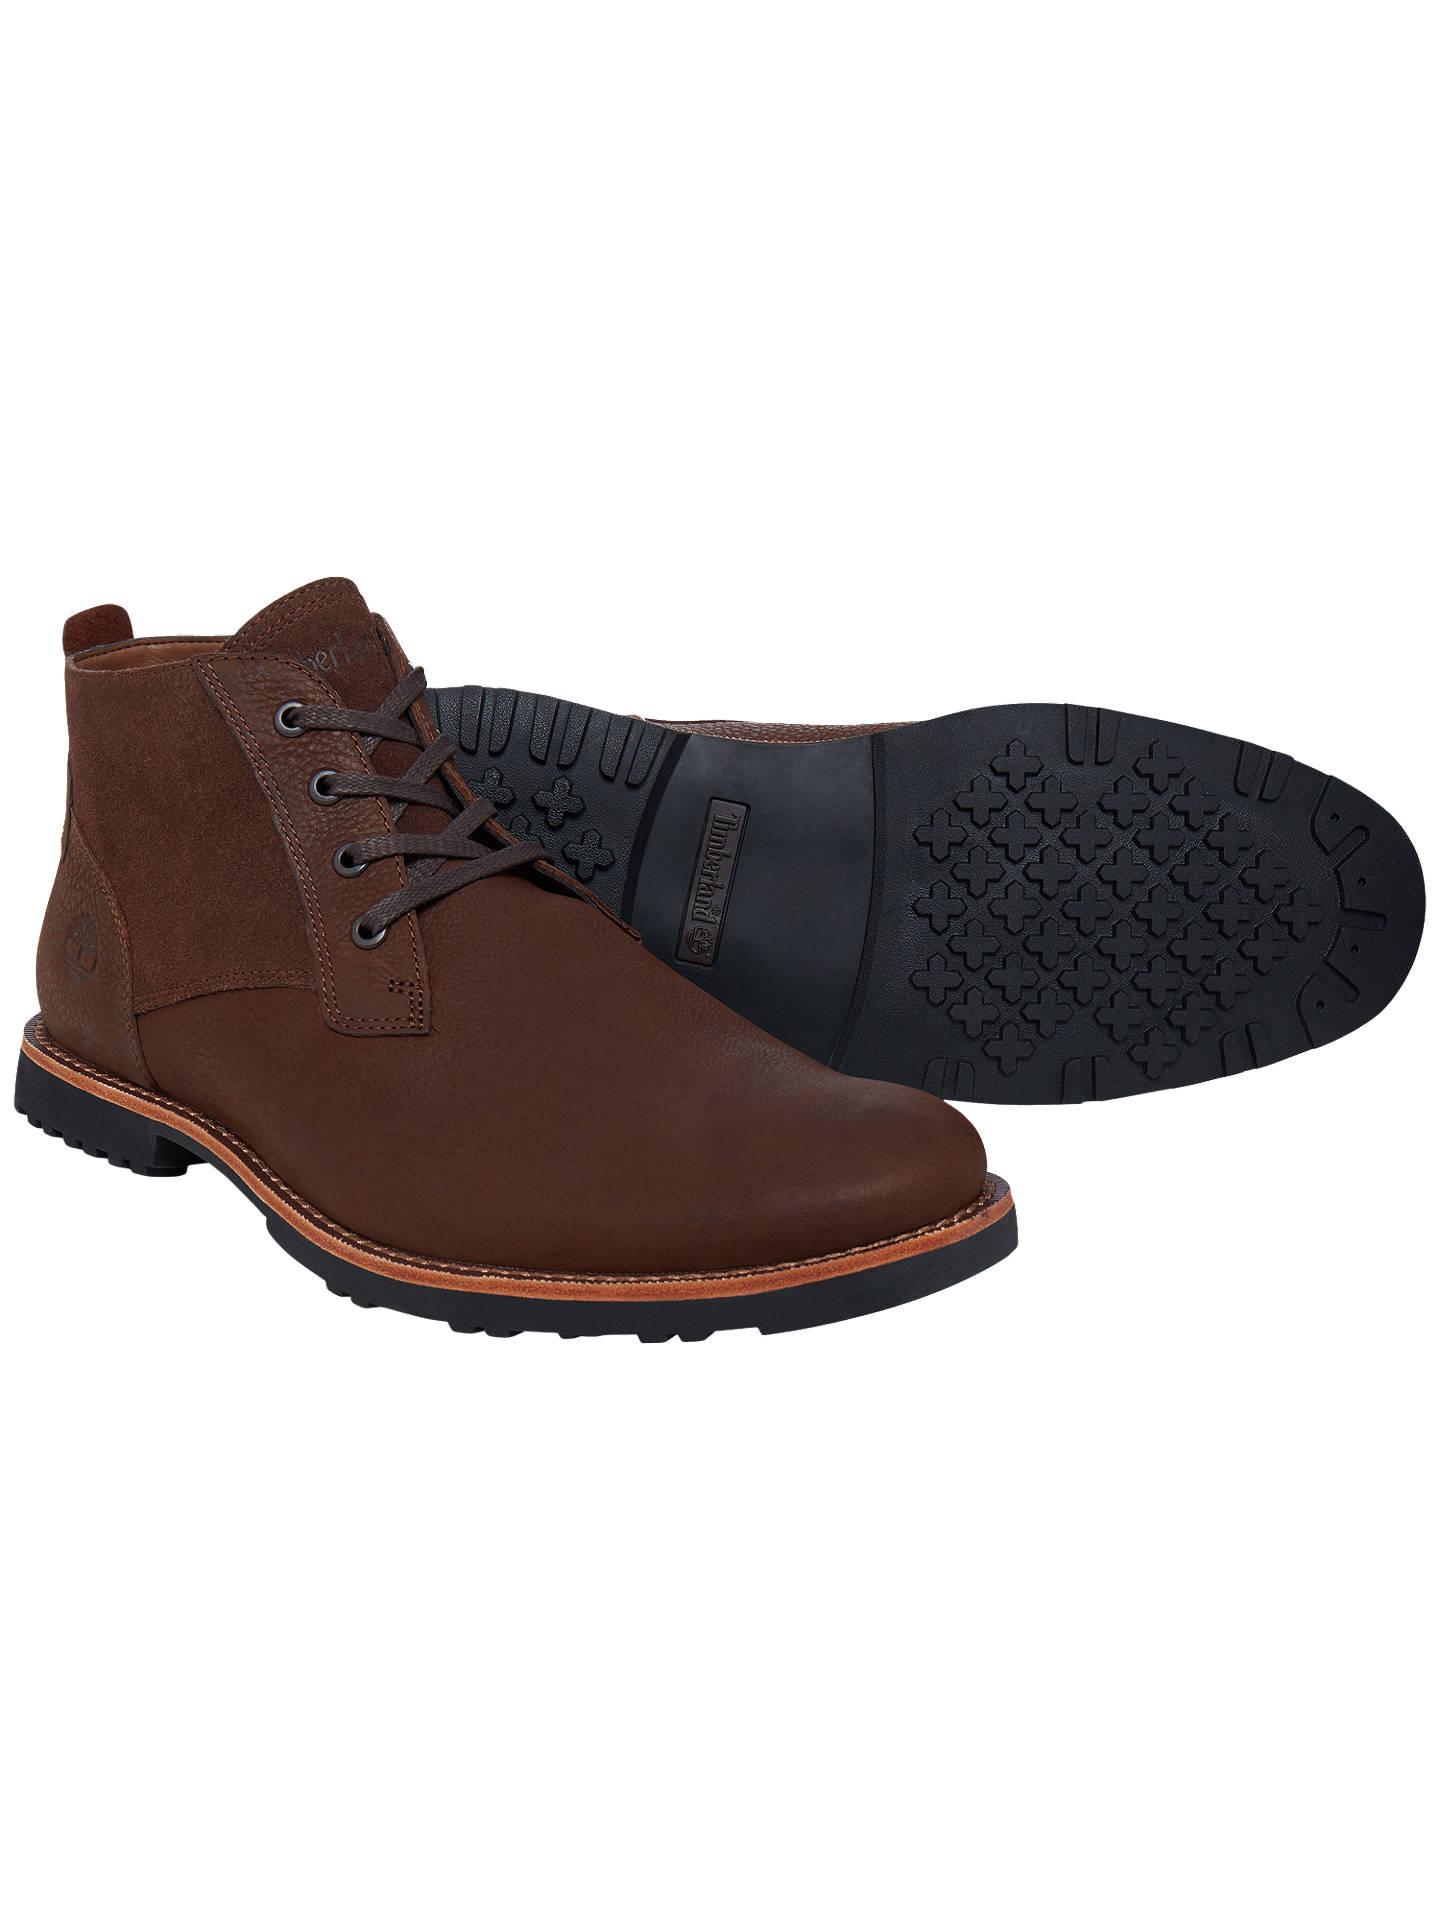 3bfc0c0bd10 Timberland Kendrick Chukka Boots, Brown at John Lewis & Partners